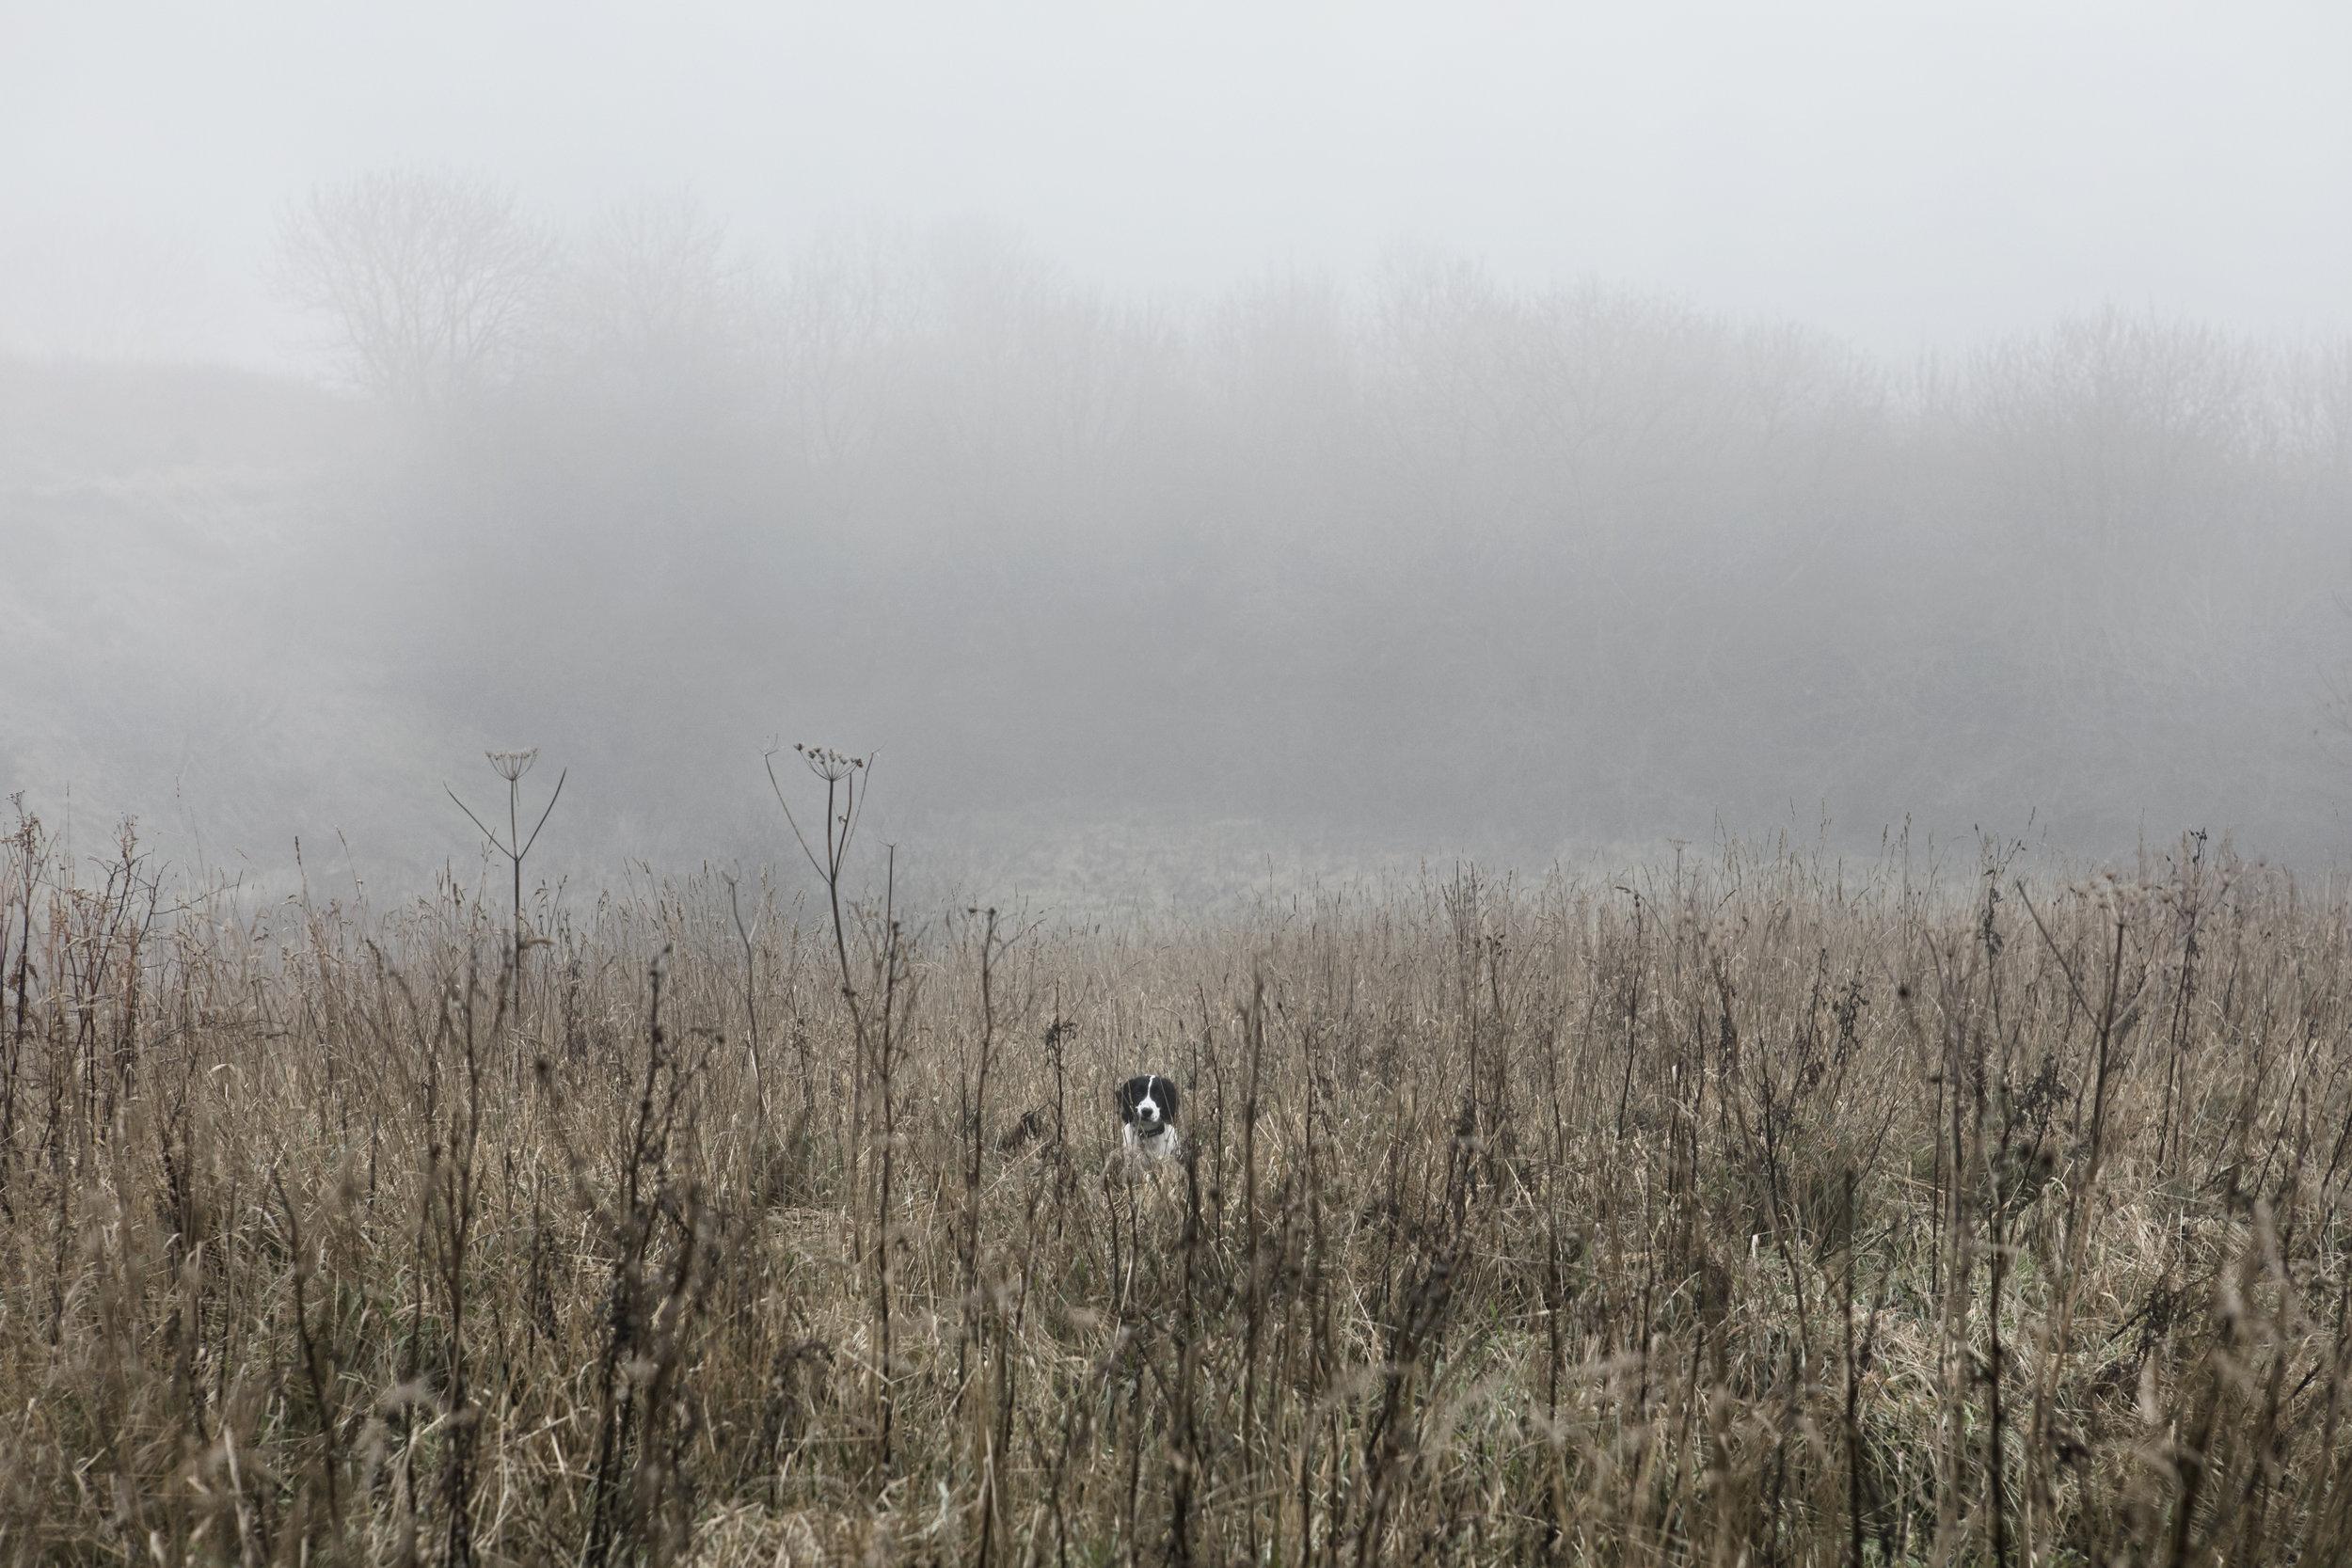 Dan Prince - Misty landscape